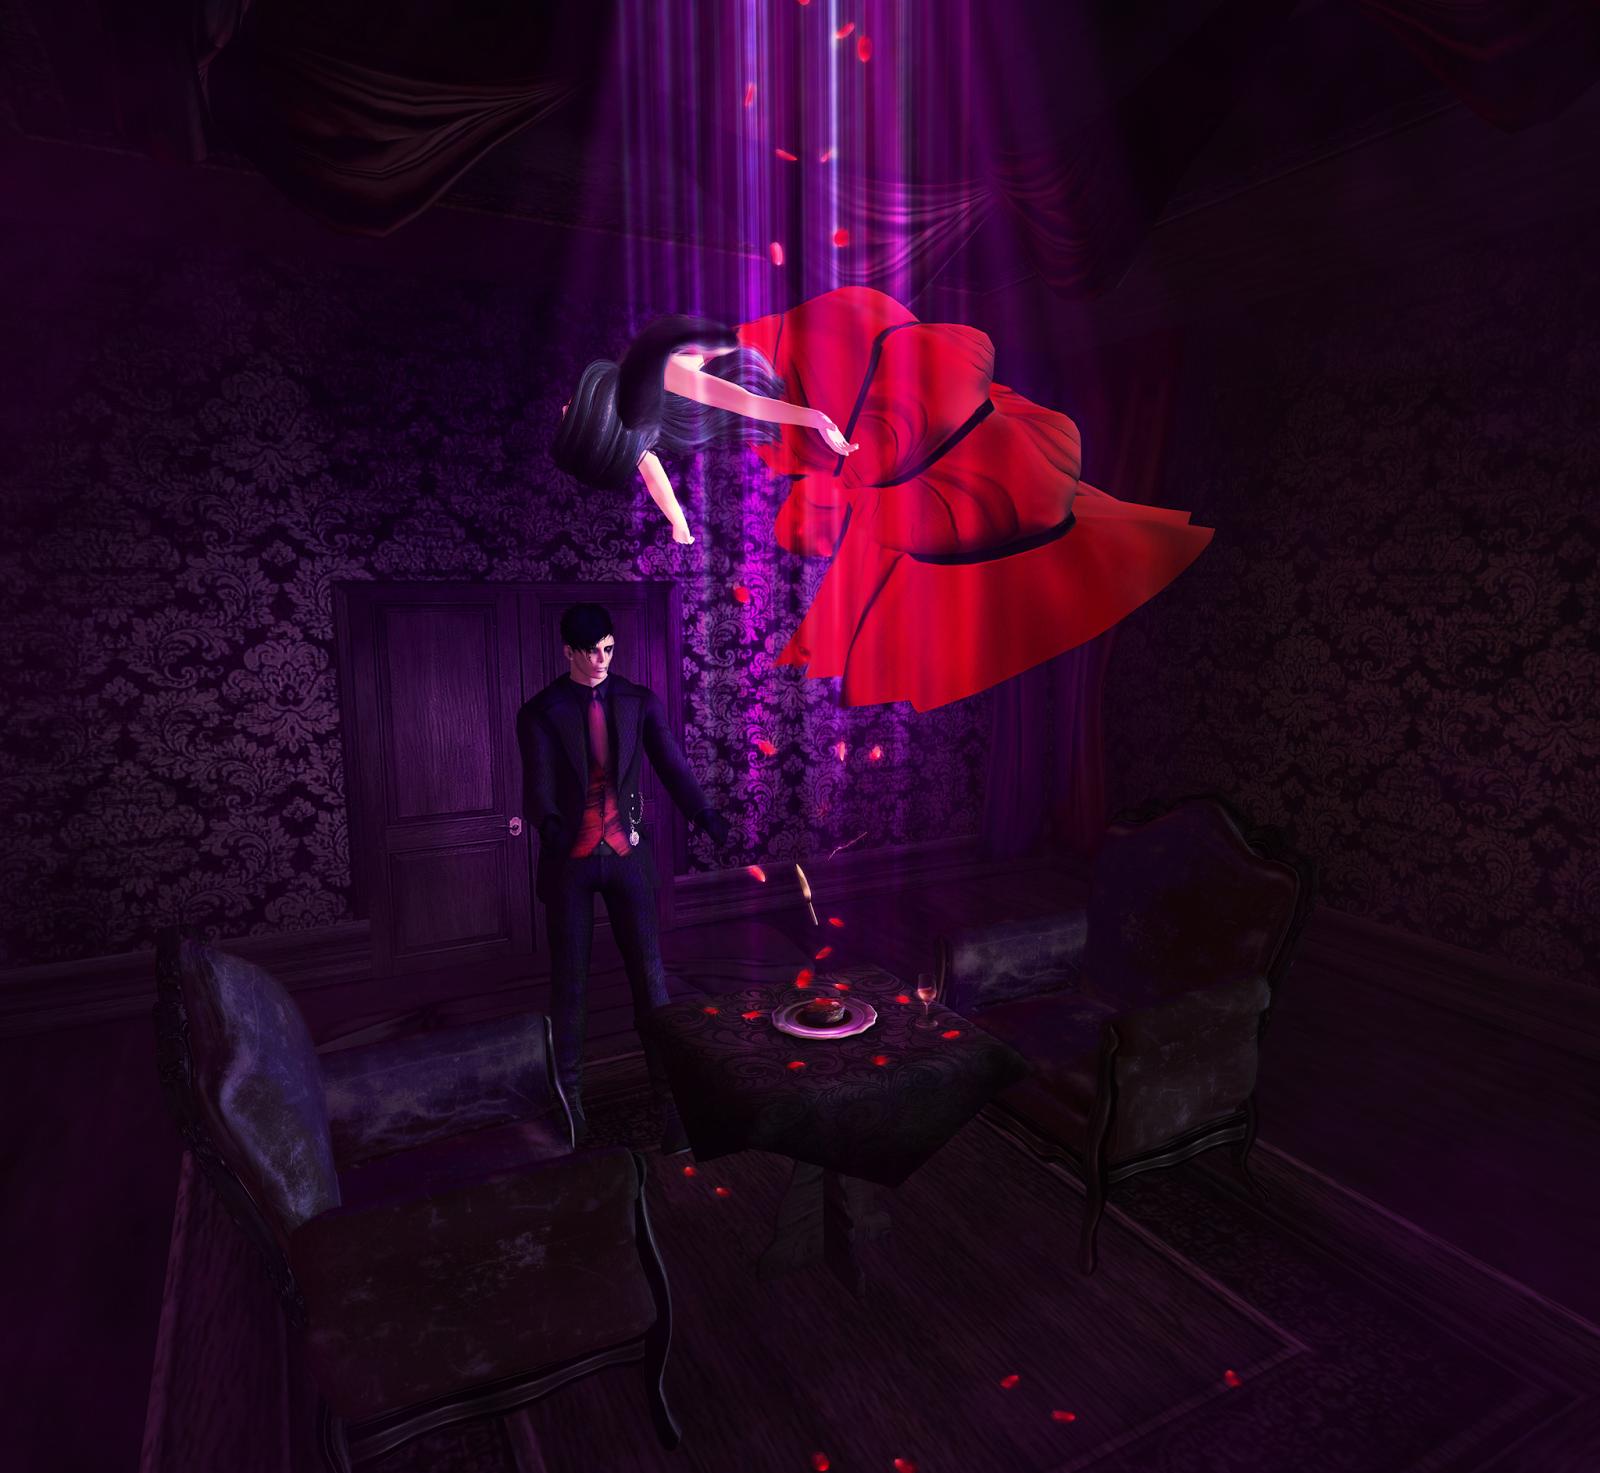 Ultravi01ett N.N.: ~ 36 ~ Mystery rose...